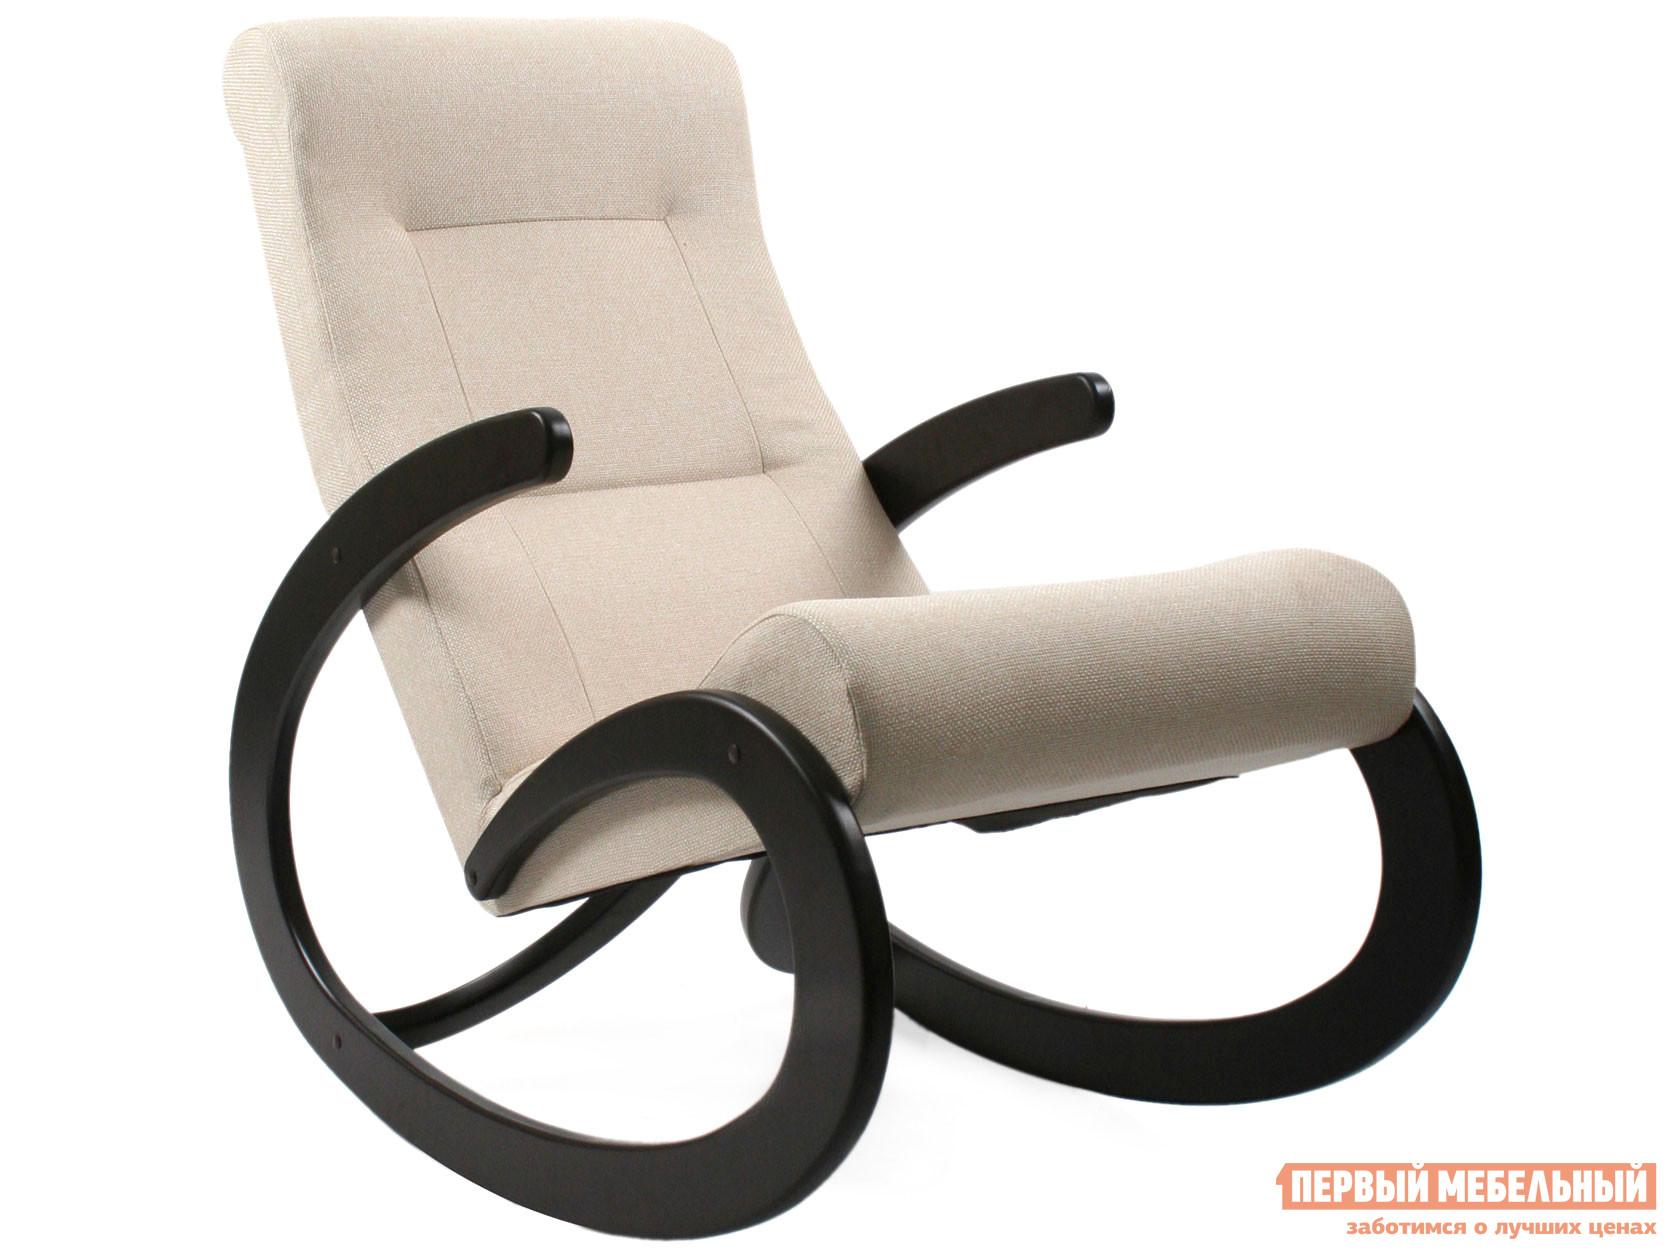 Кресло-качалка Мебель Импэкс Кресло-качалка, модель 1 (013.001) кресло качалка мебель импэкс кресло качалка складное белтех